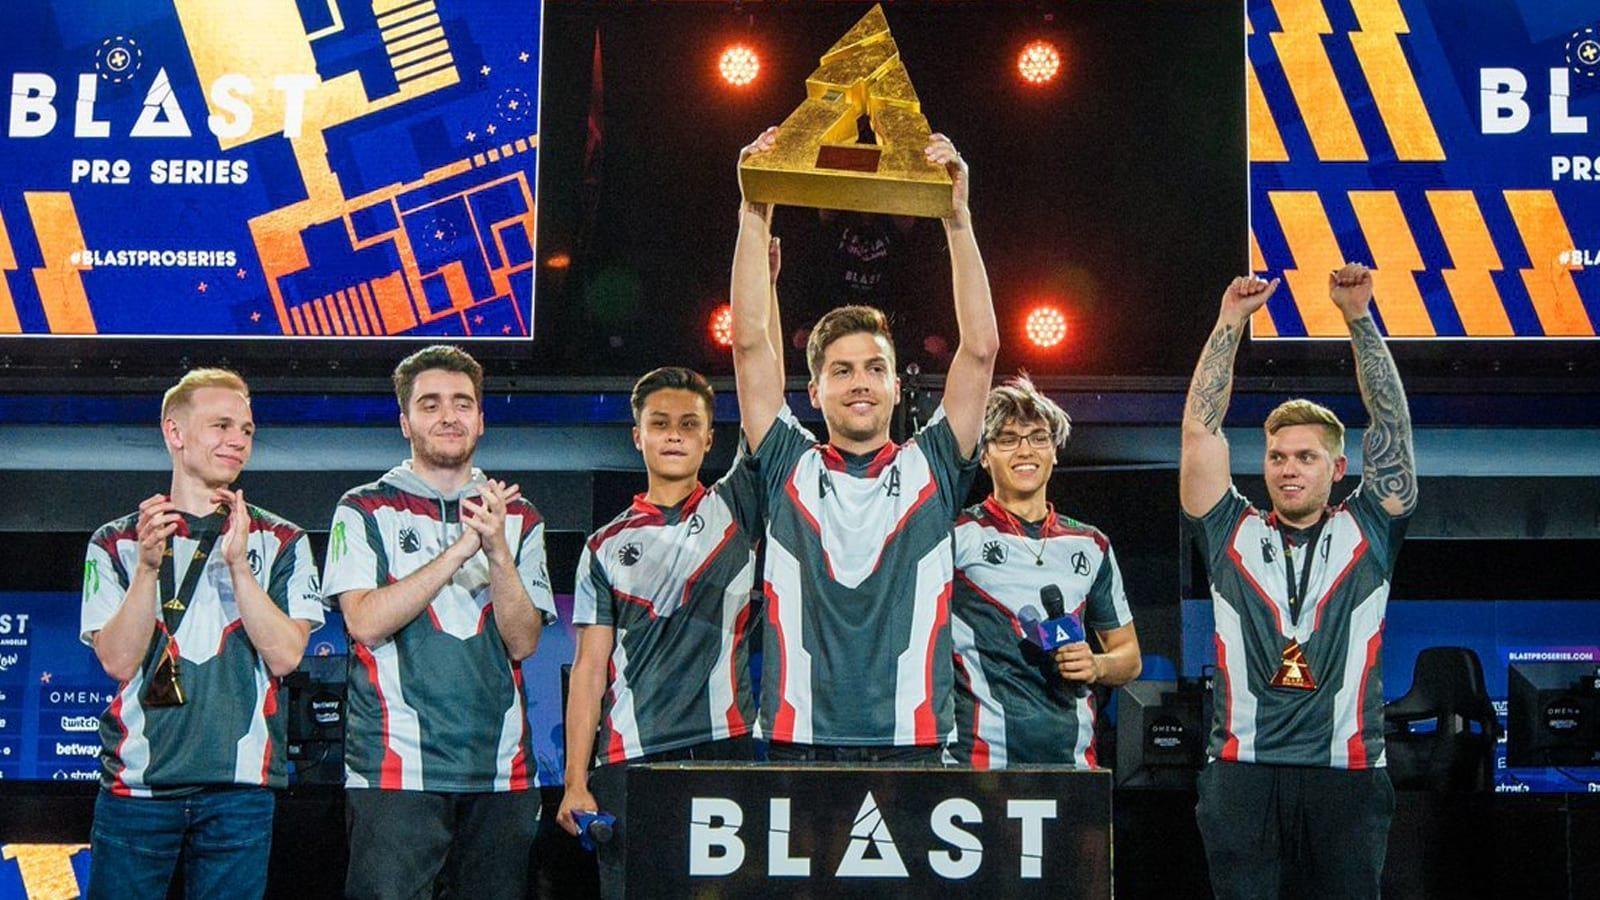 BLAST Pro Series - Los Angeles